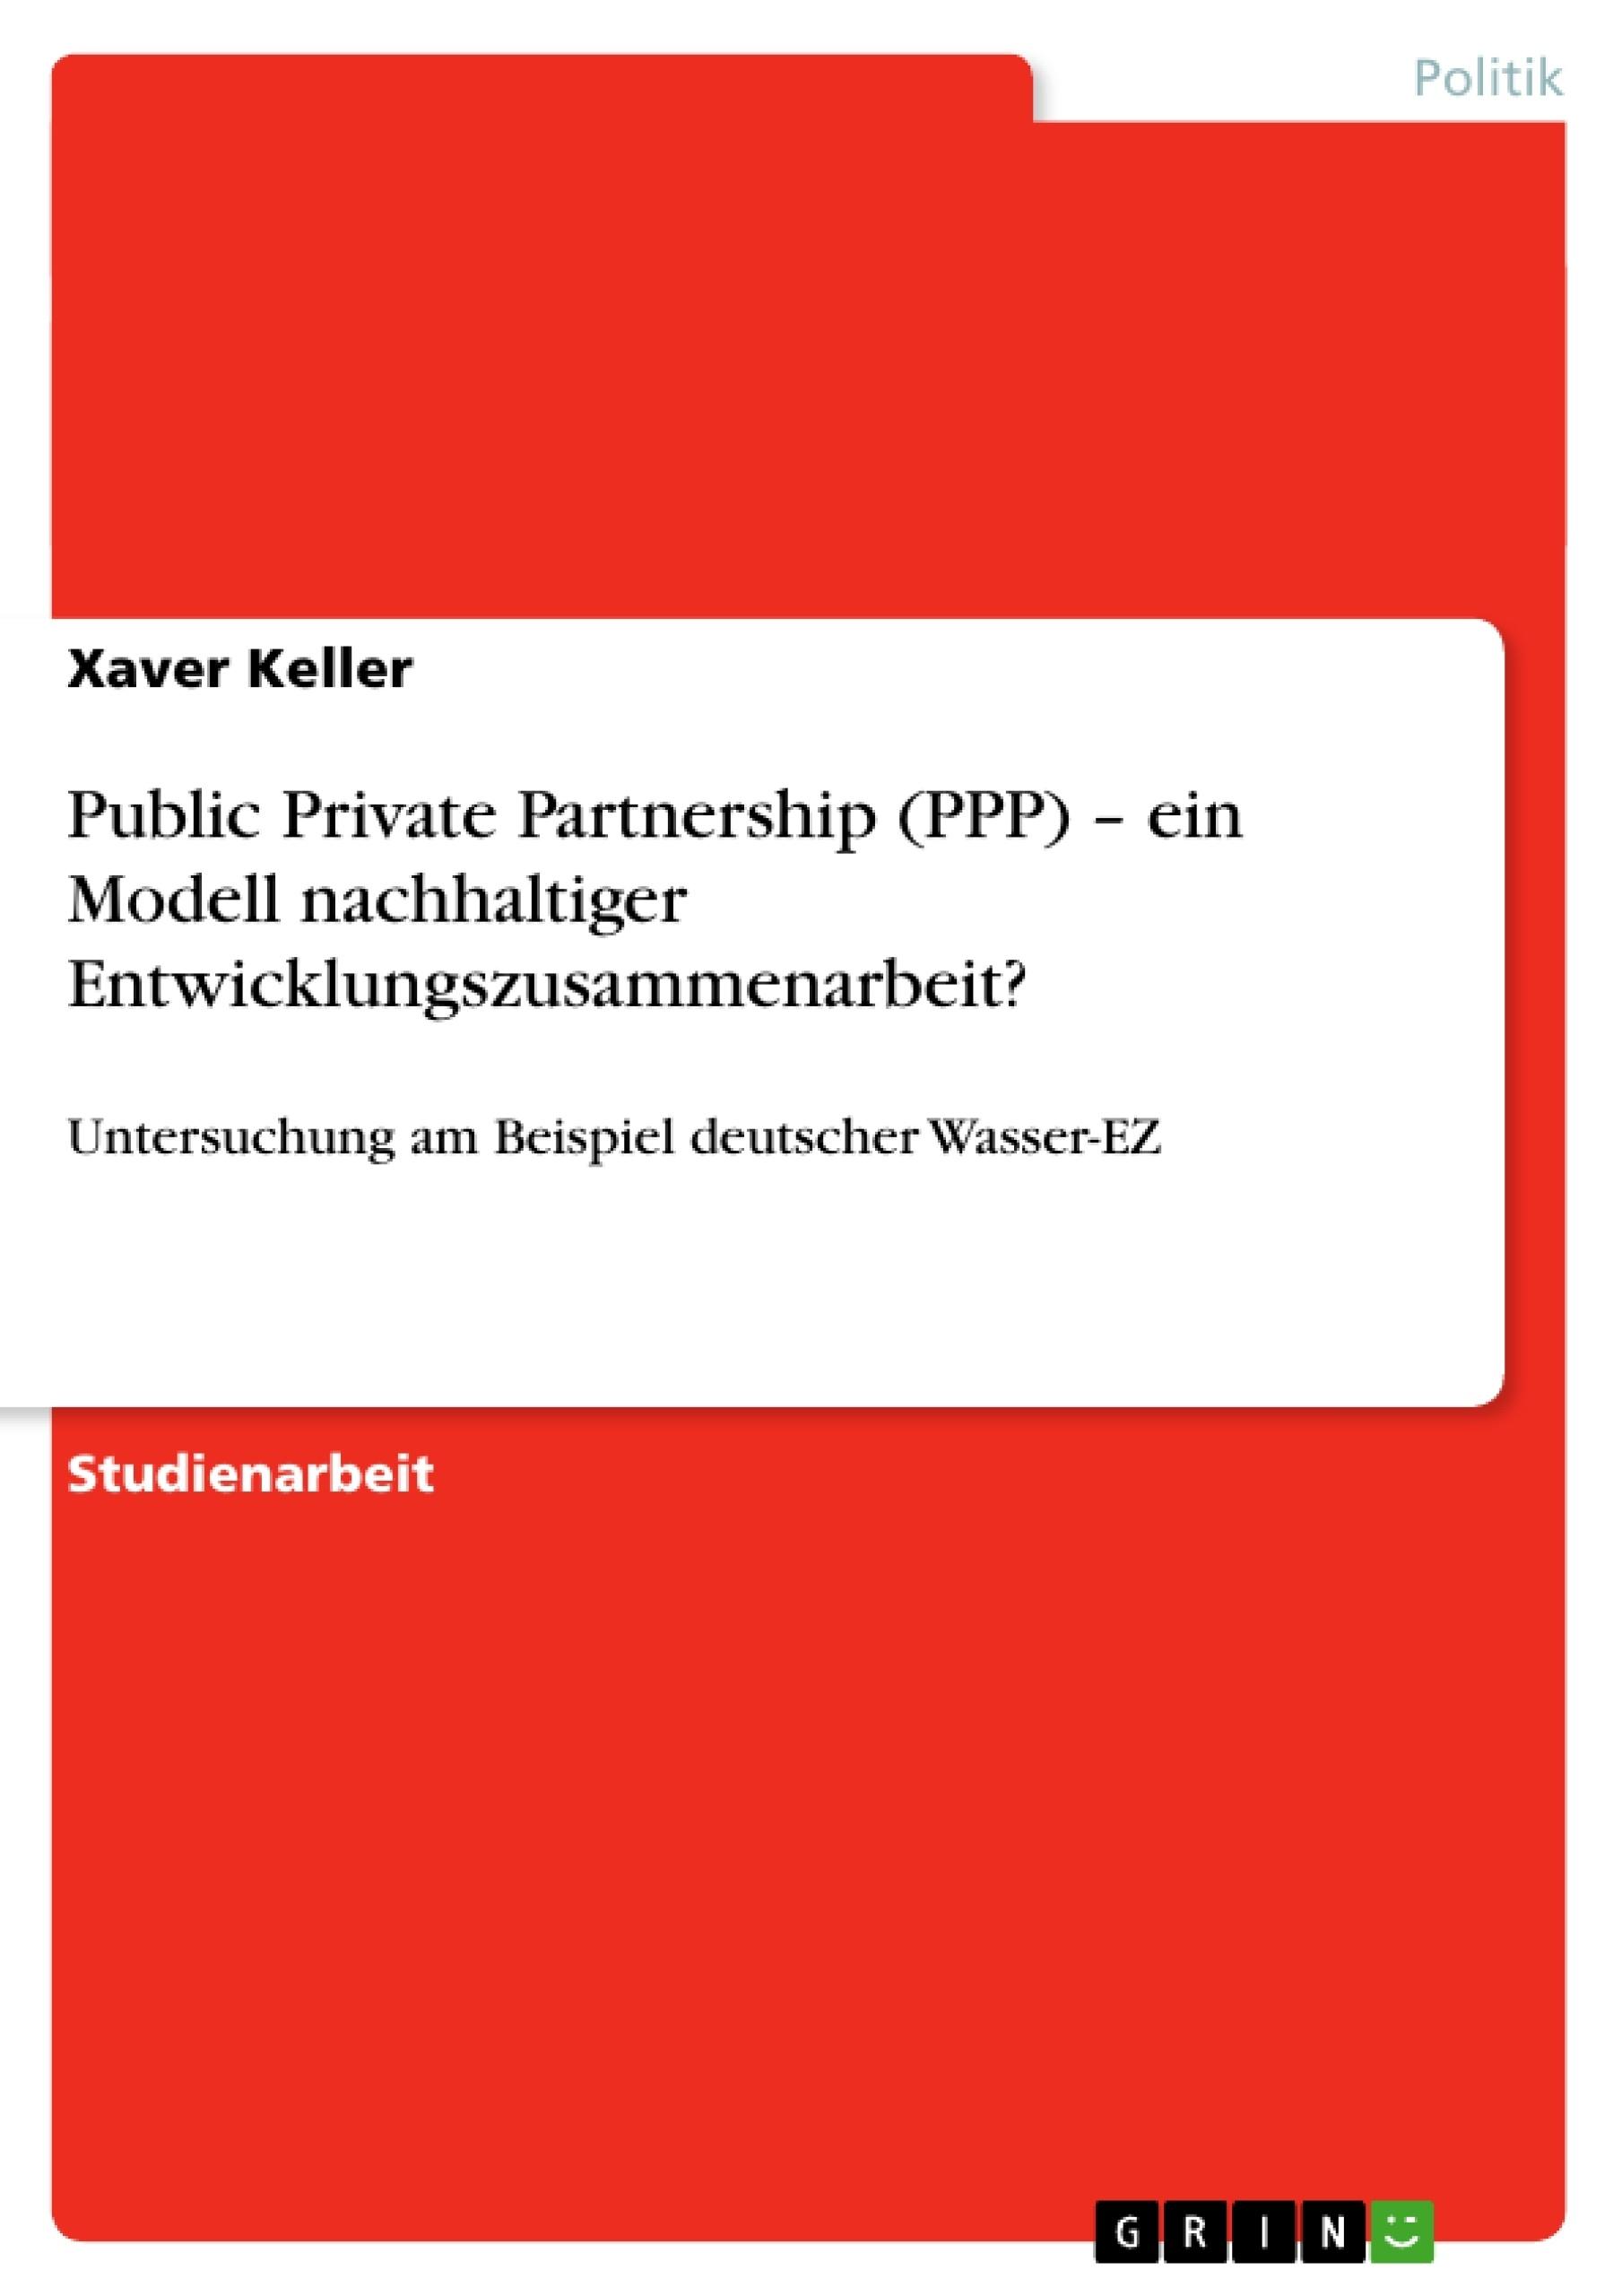 Titel: Public Private Partnership (PPP) – ein Modell nachhaltiger Entwicklungszusammenarbeit?